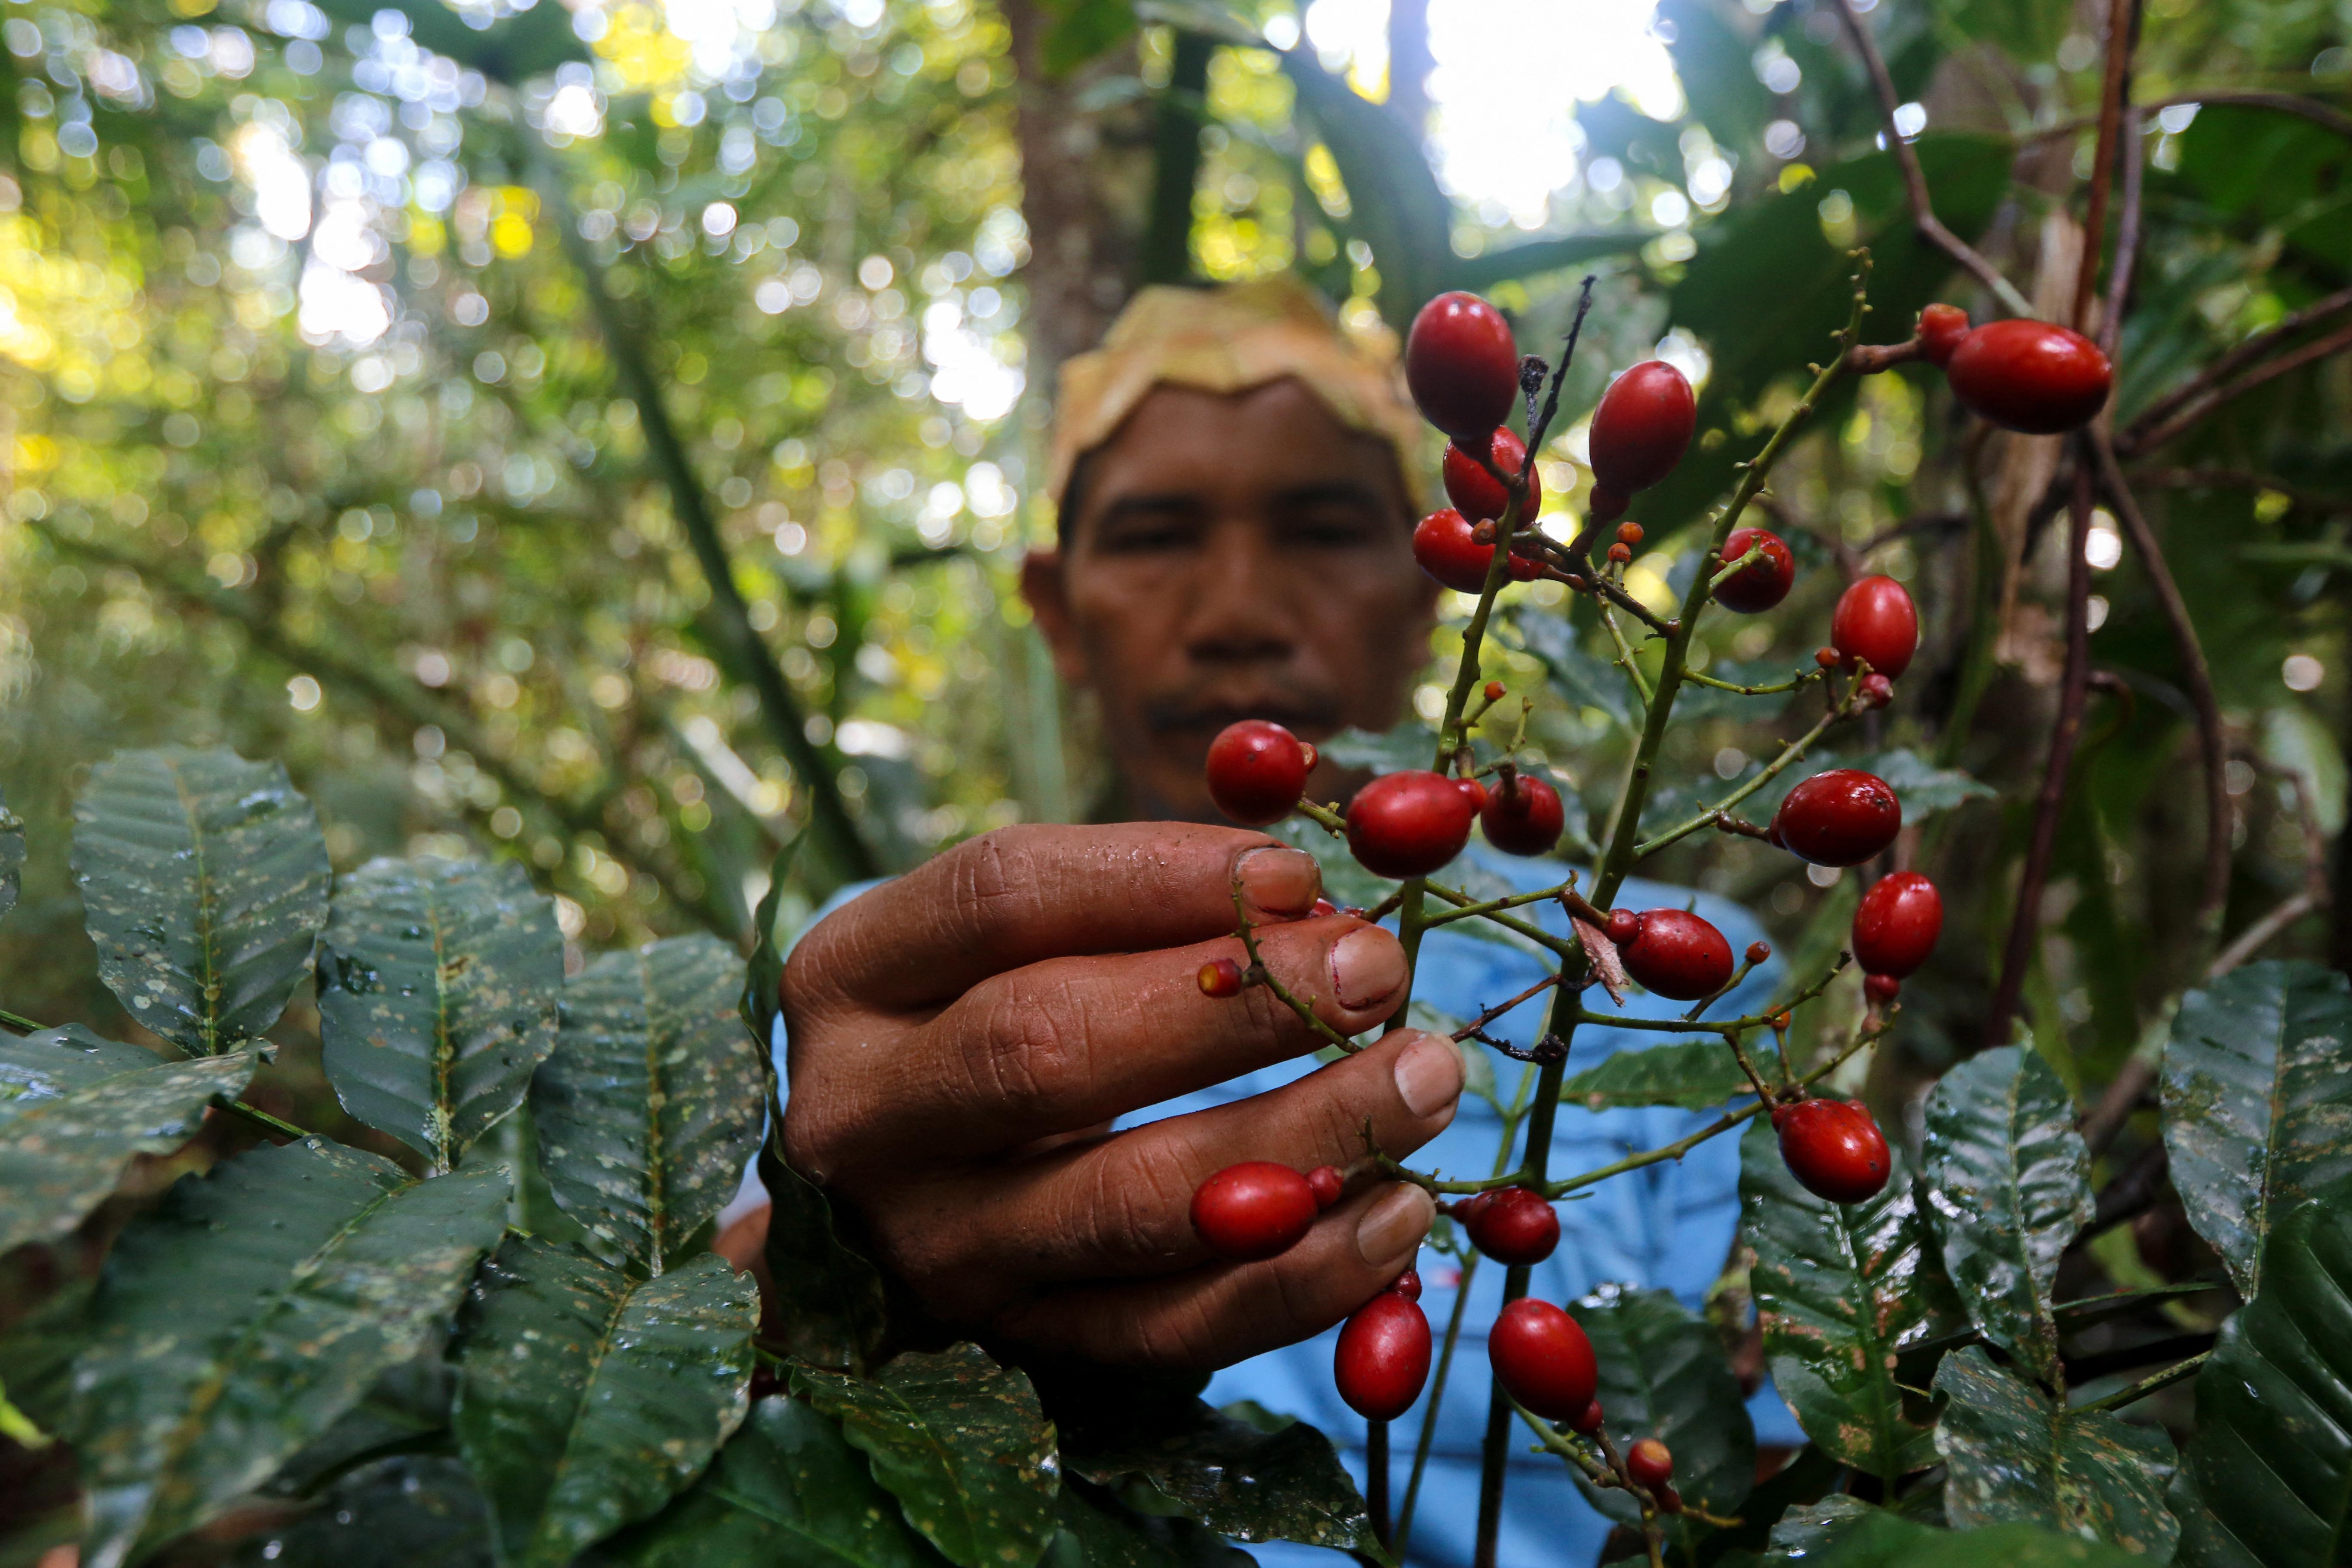 Az őslakos nyelvek kihalásával sok növény gyógyhatásáról szóló tudás is elveszhet